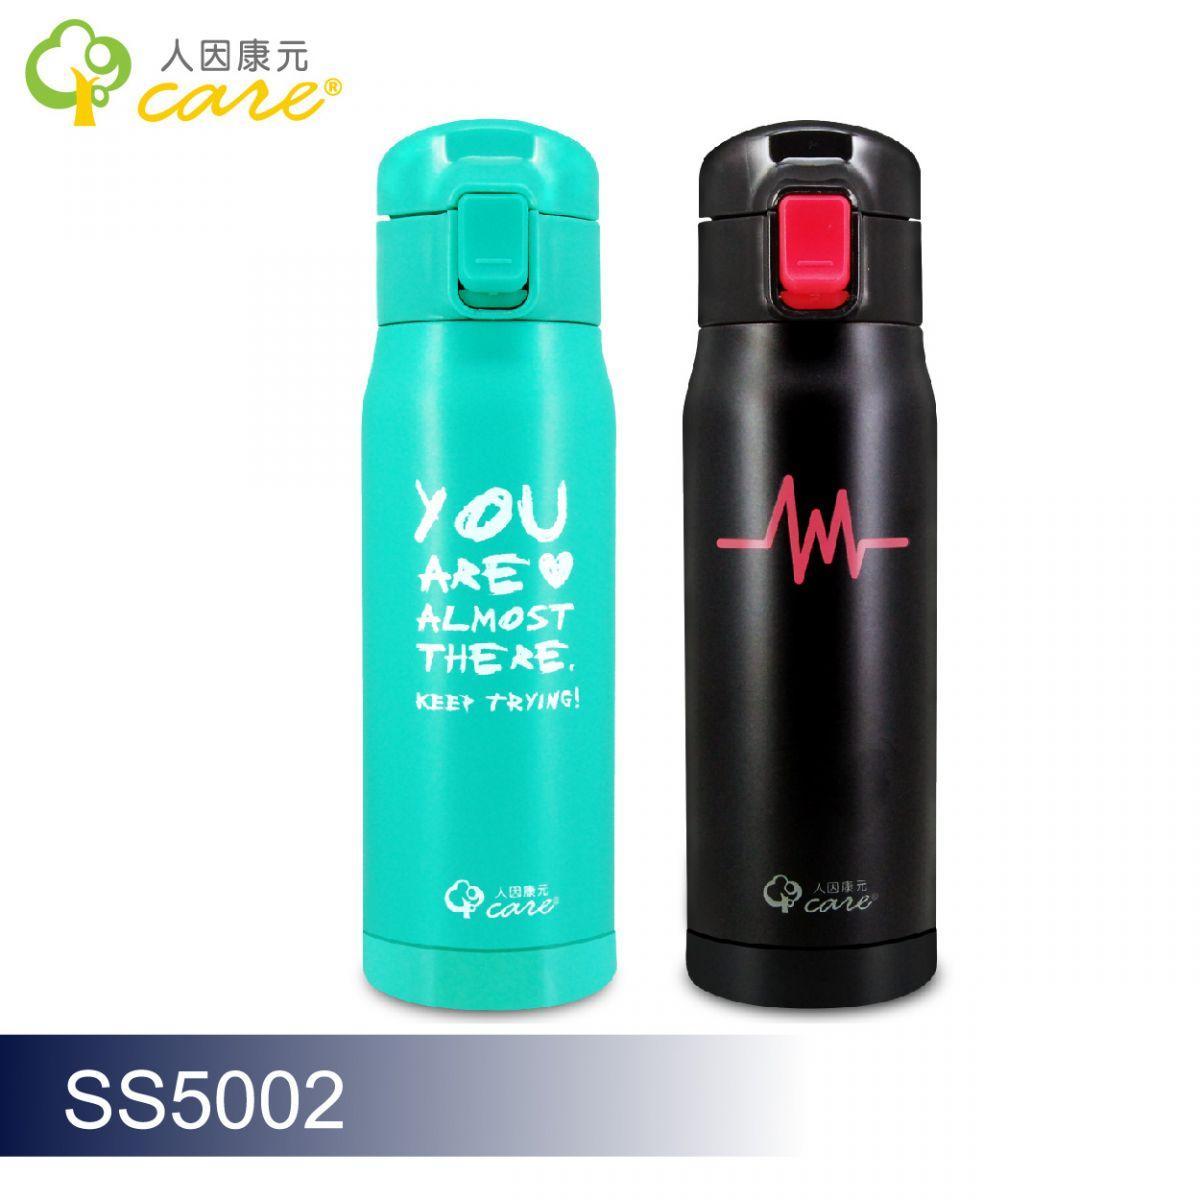 【ErgoCare】新負離子超輕量304保溫水壺 SS5002G 湖水綠 500ml